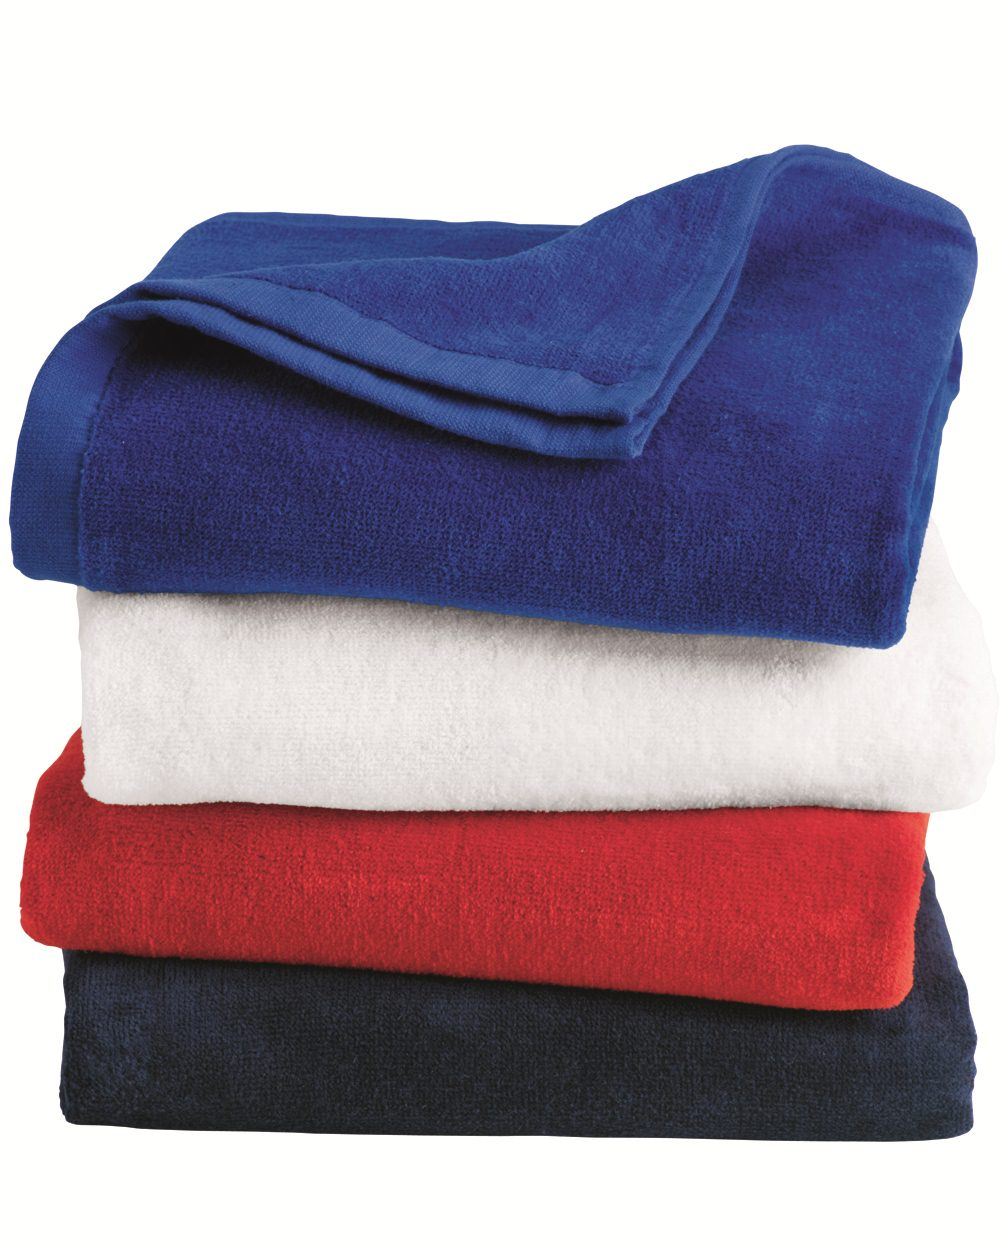 Carmel towel company C3060